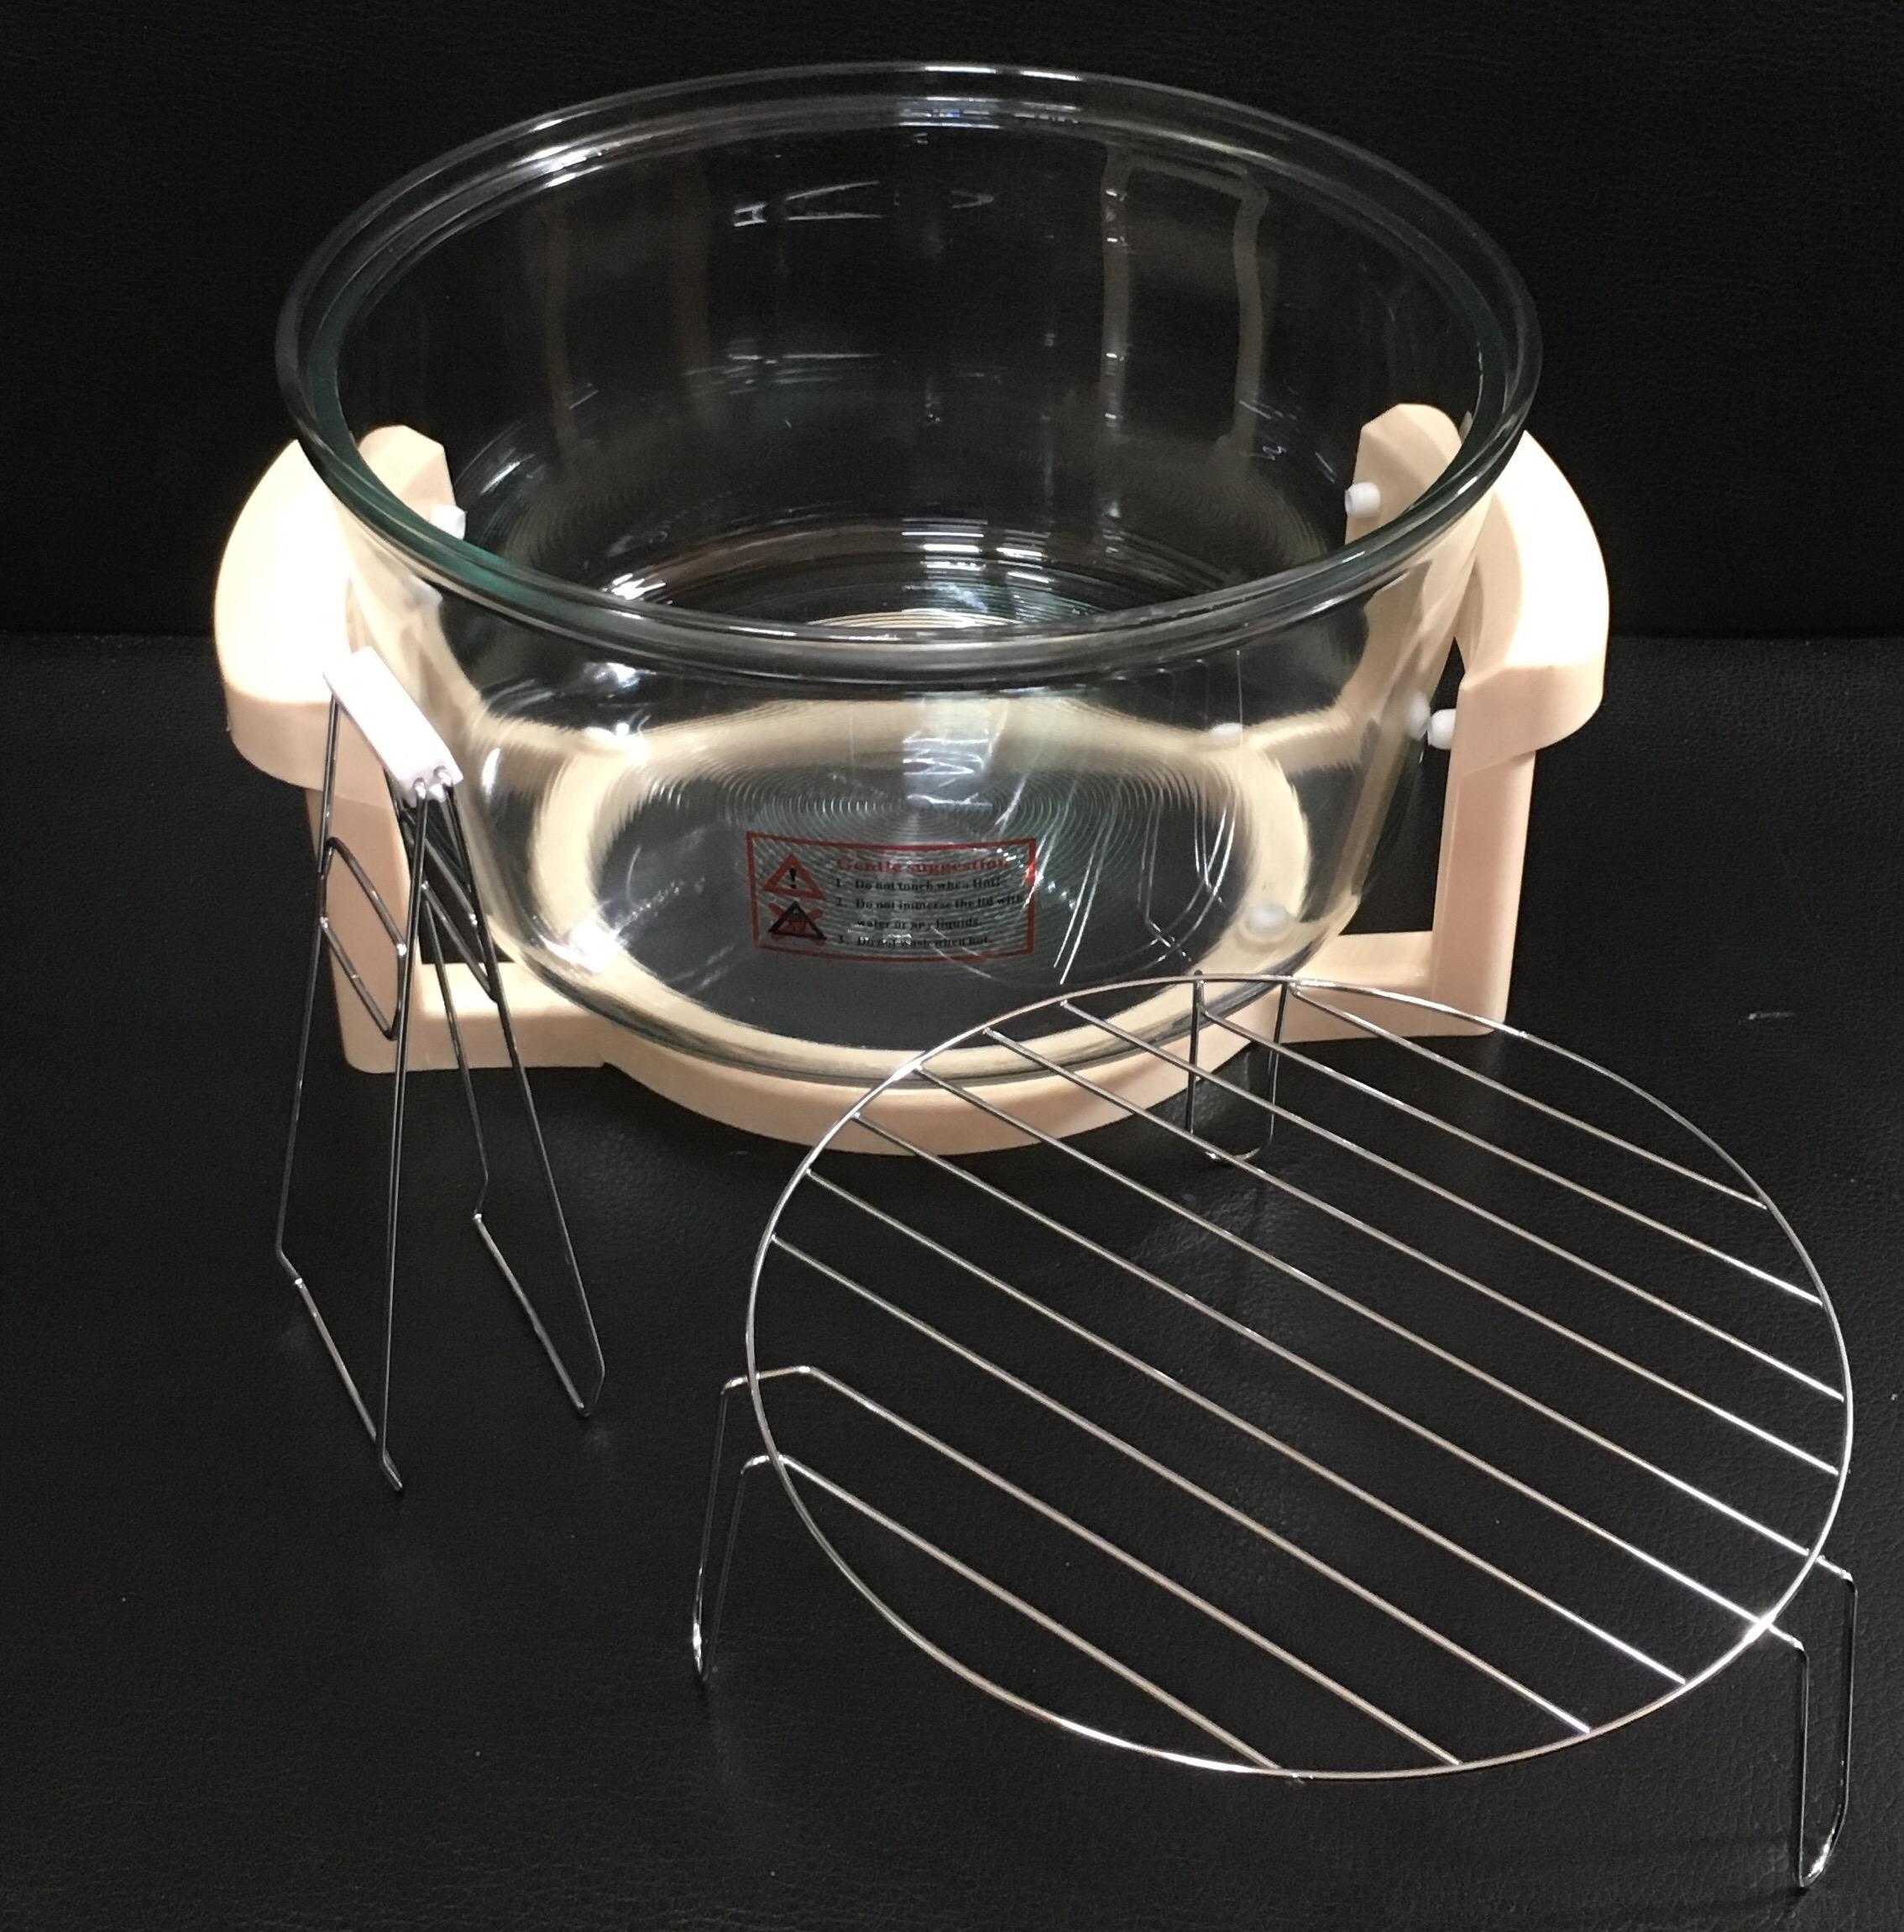 Lò thuỷ tinh 12lít dùng cho lò nướng halogen glass oven bowl